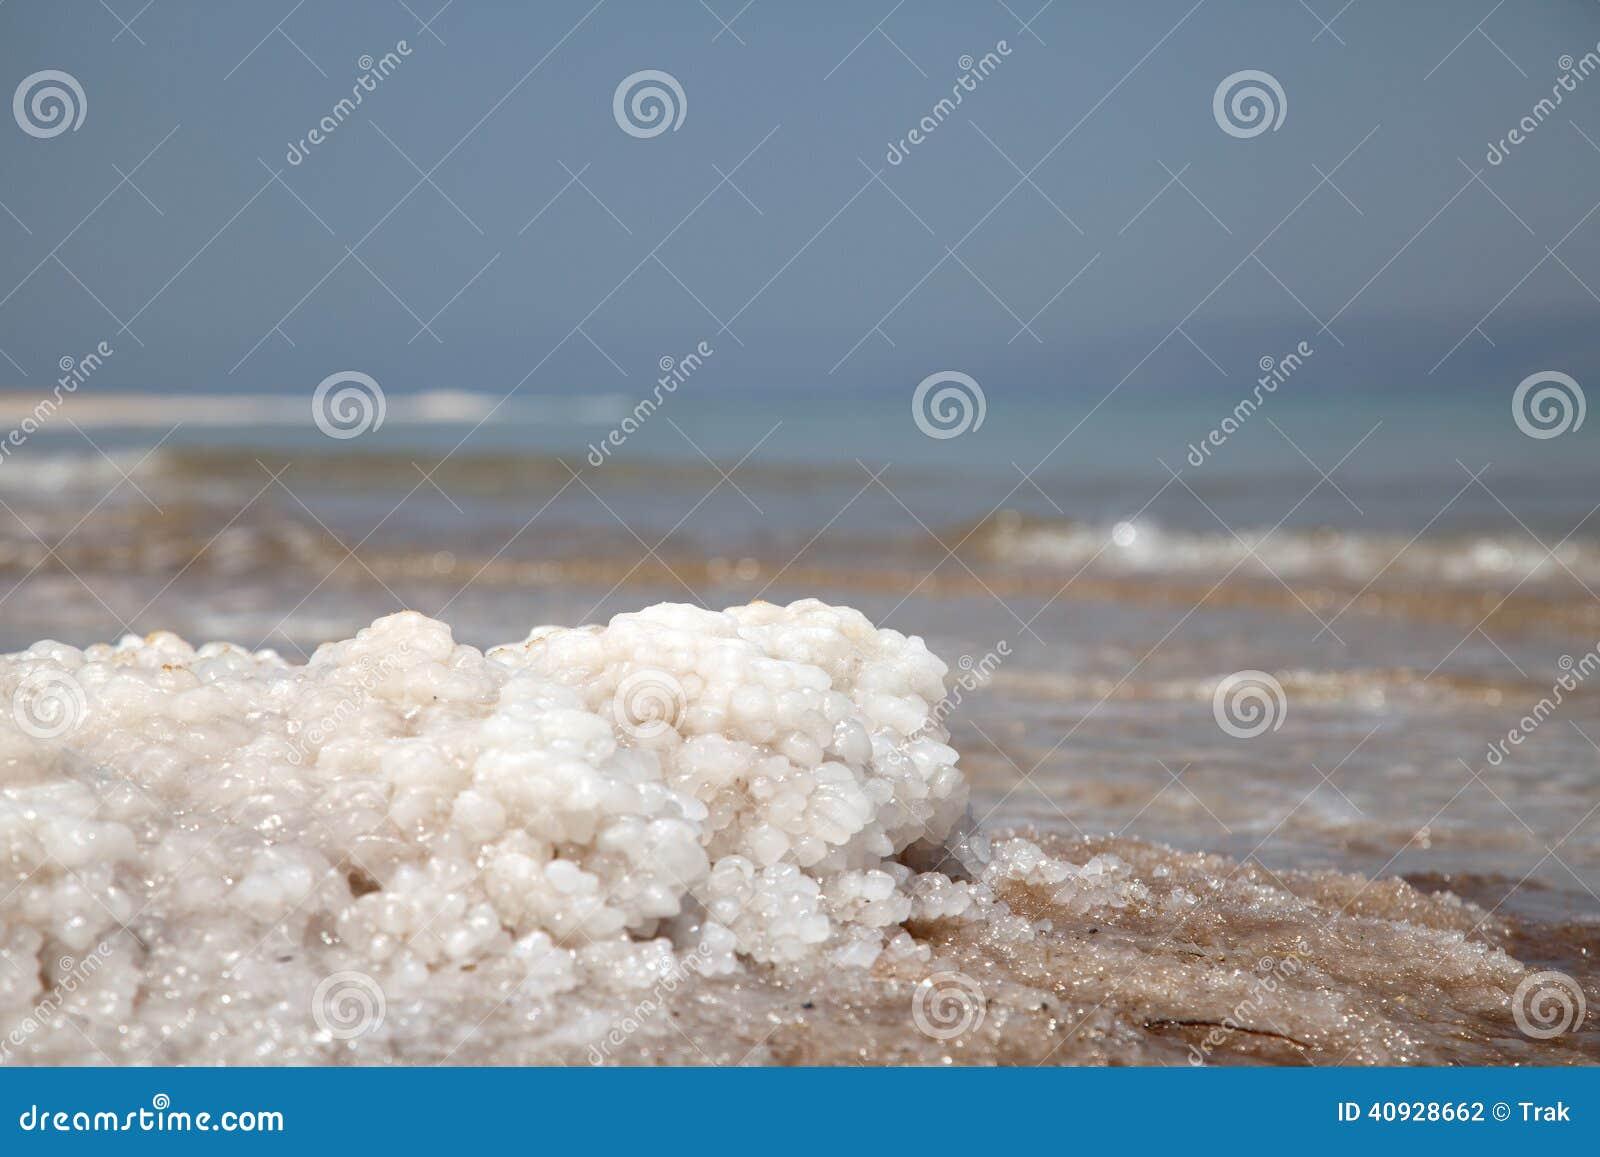 Dead Sea salt closeup